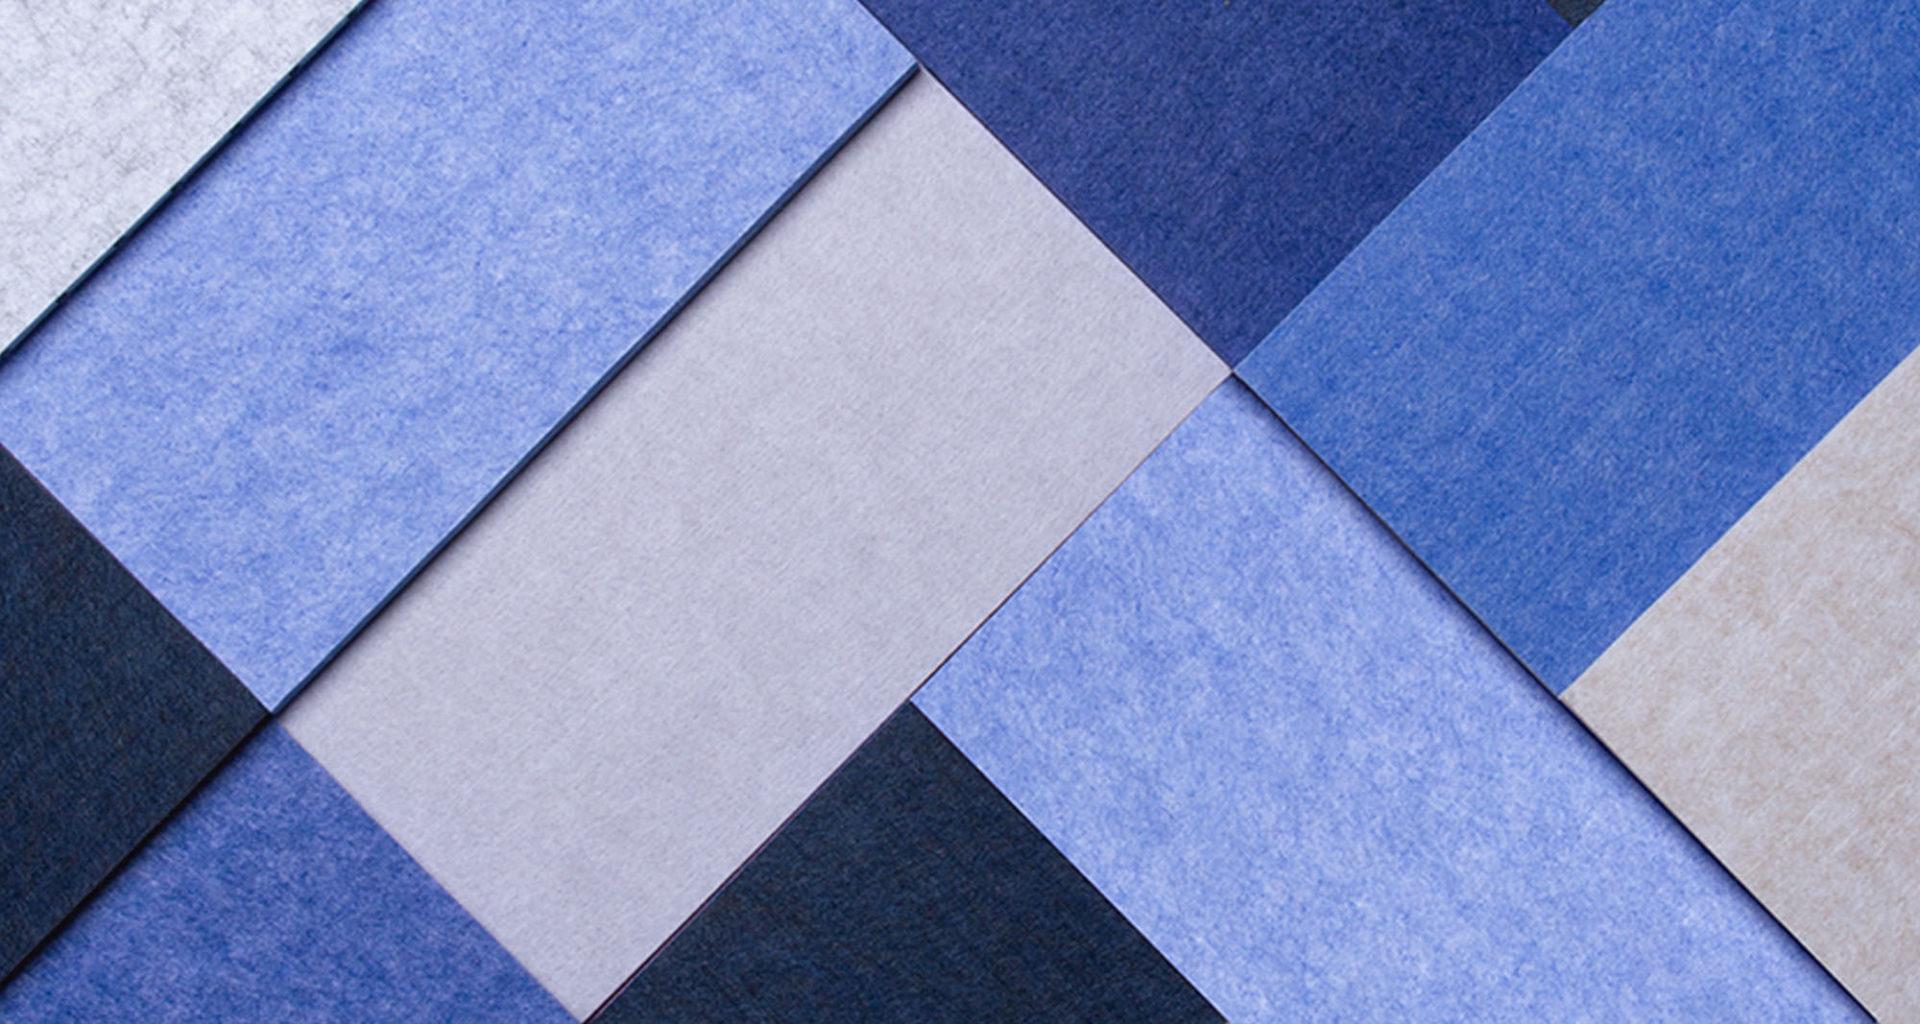 ReFelt PET Felt Acoustic Panels Detail Blues